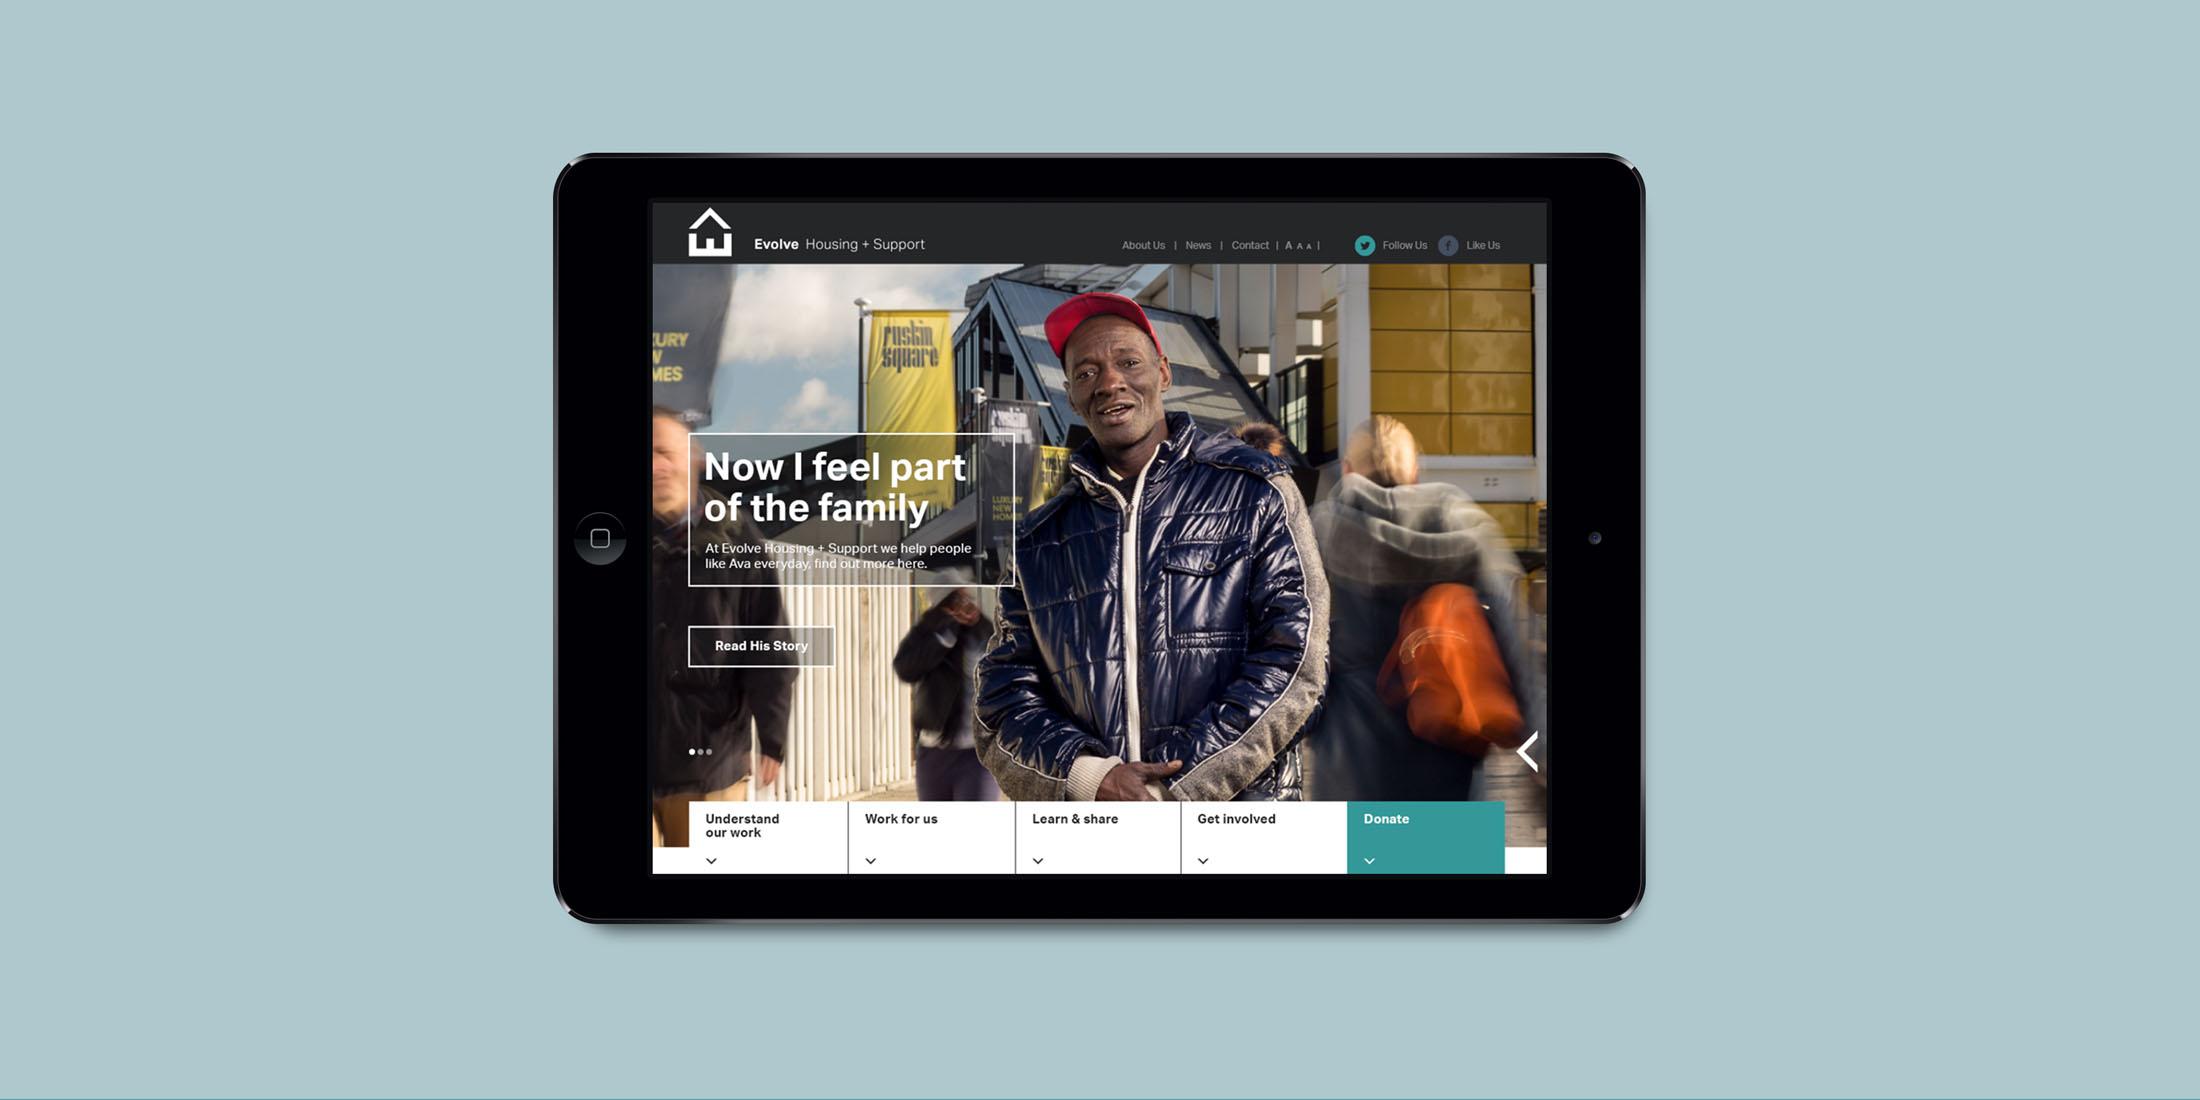 Evolve site on iPad